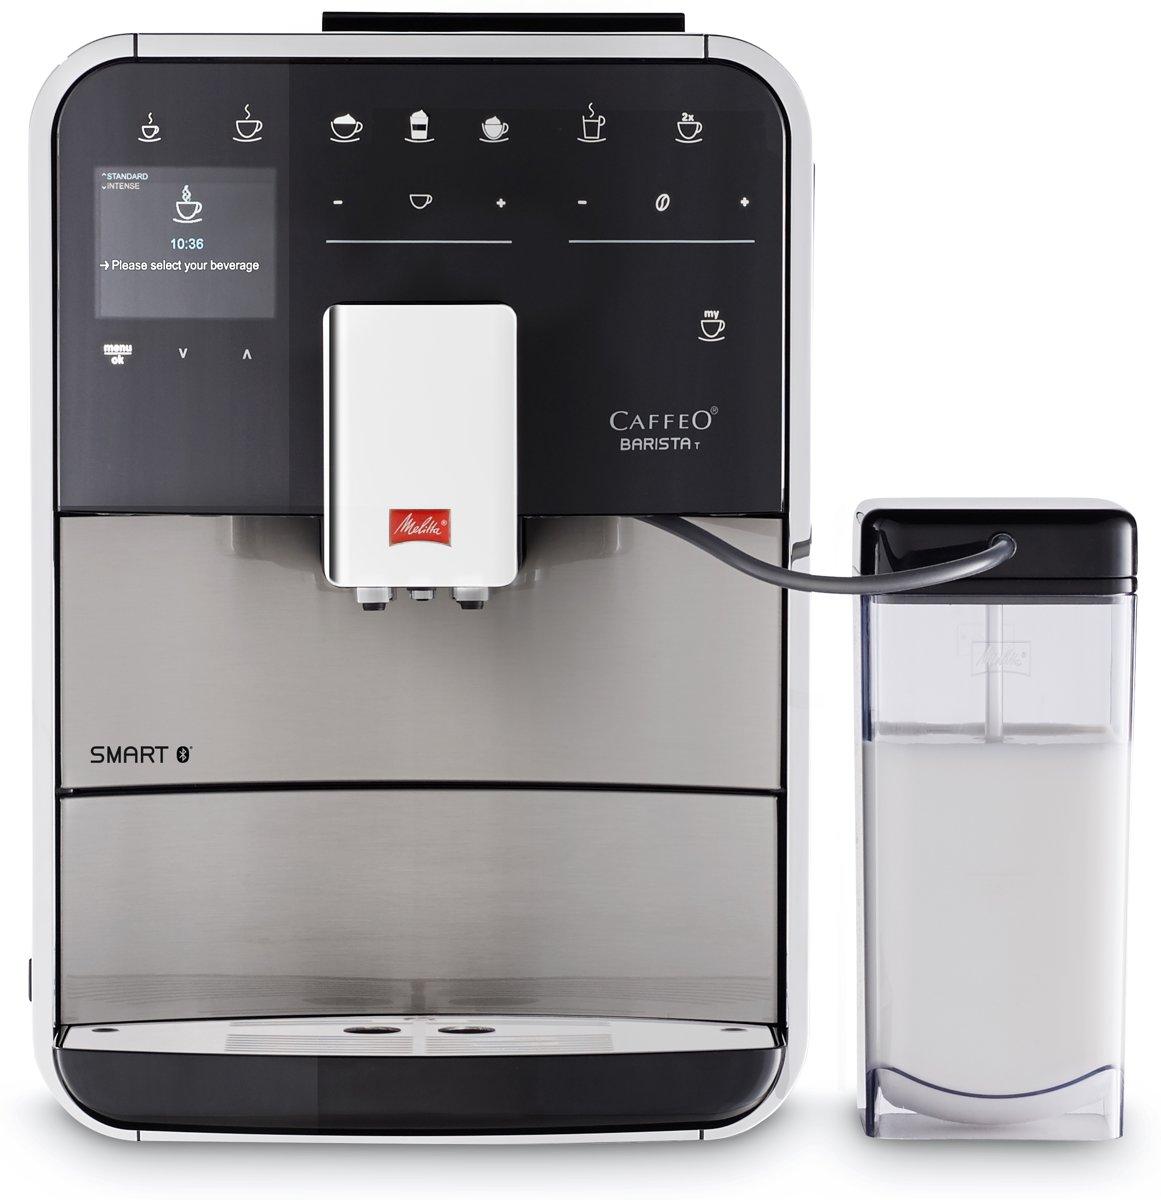 Melitta Barista Smart T SST F840-100 - Espressomachine - Zilver/zwart kopen